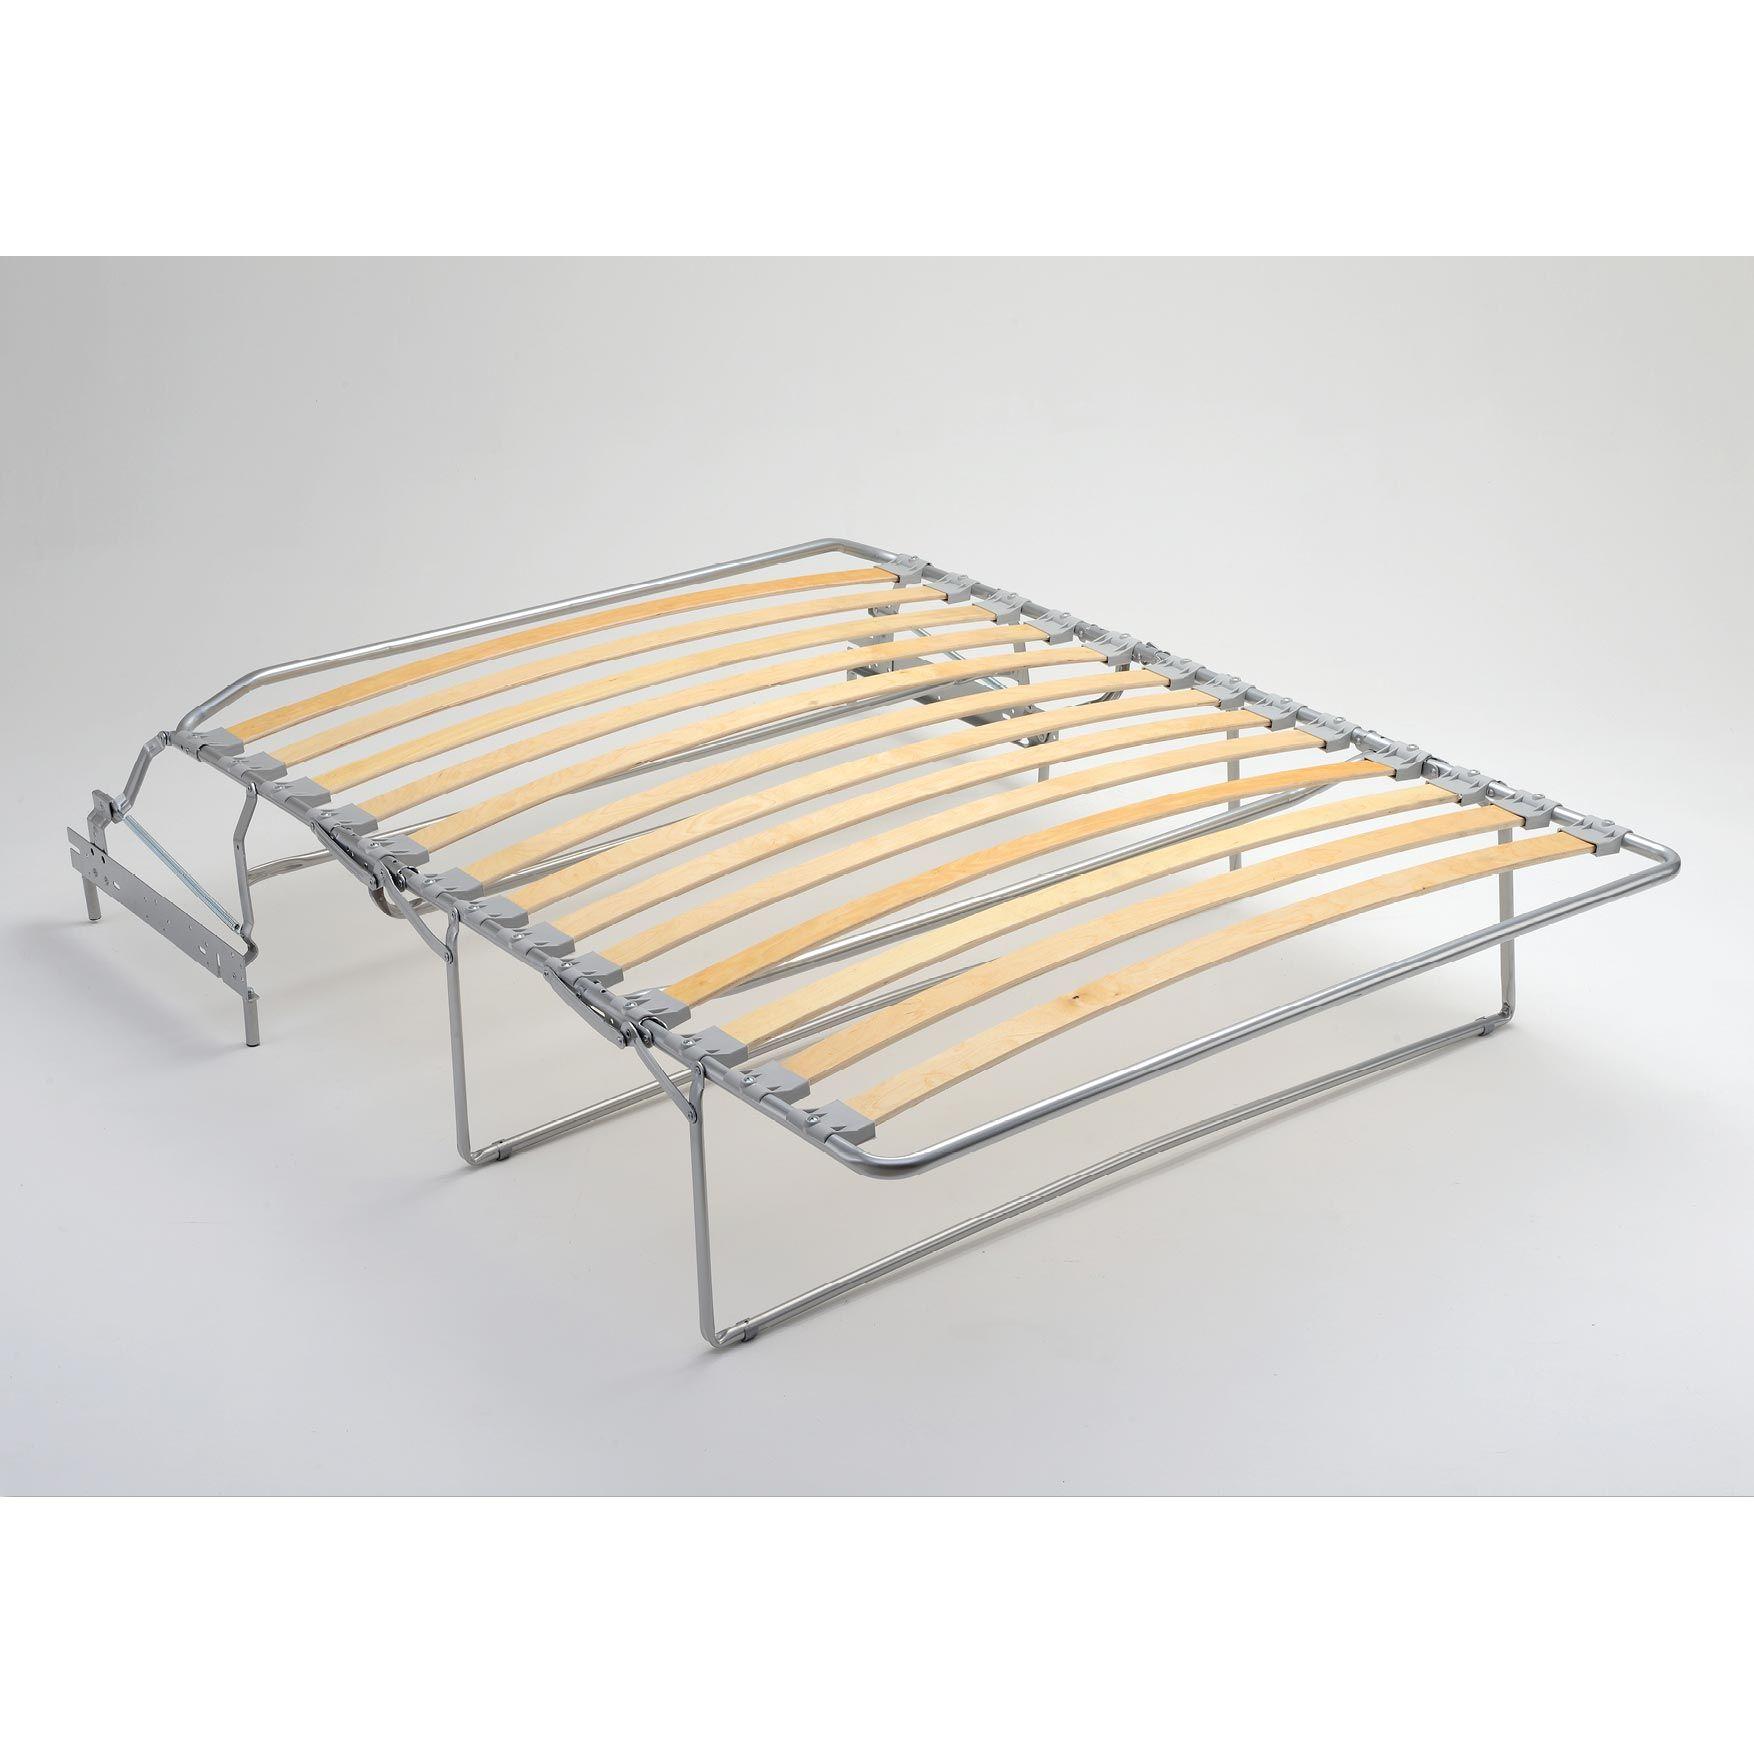 Reti materassi e trasformabili reti per divano letto - Materassi per divano letto ...